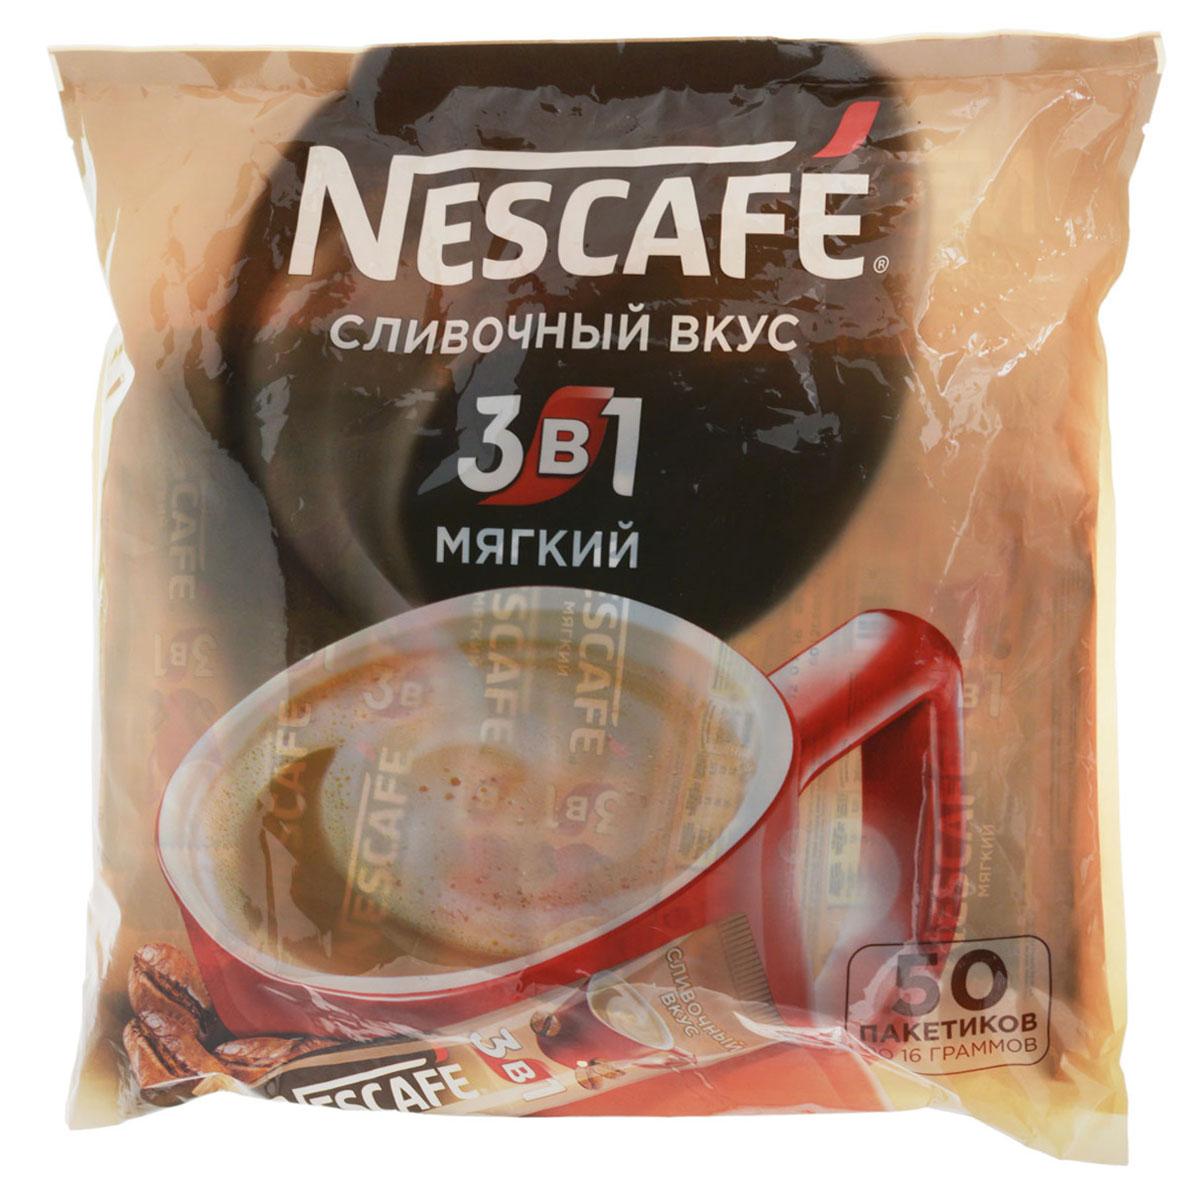 Nescafe 3 в 1 Мягкий кофе растворимый, 50 шт12235511Nescafe 3 в 1 Мягкий - кофейно-сливочный напиток, в состав которого входят высококачественные ингредиенты: кофе Nescafe, сахар, сливки растительного происхождения. Каждый пакетик Nescafe 3 в 1 подарит вам идеальное сочетание кофе, сливок, сахара!